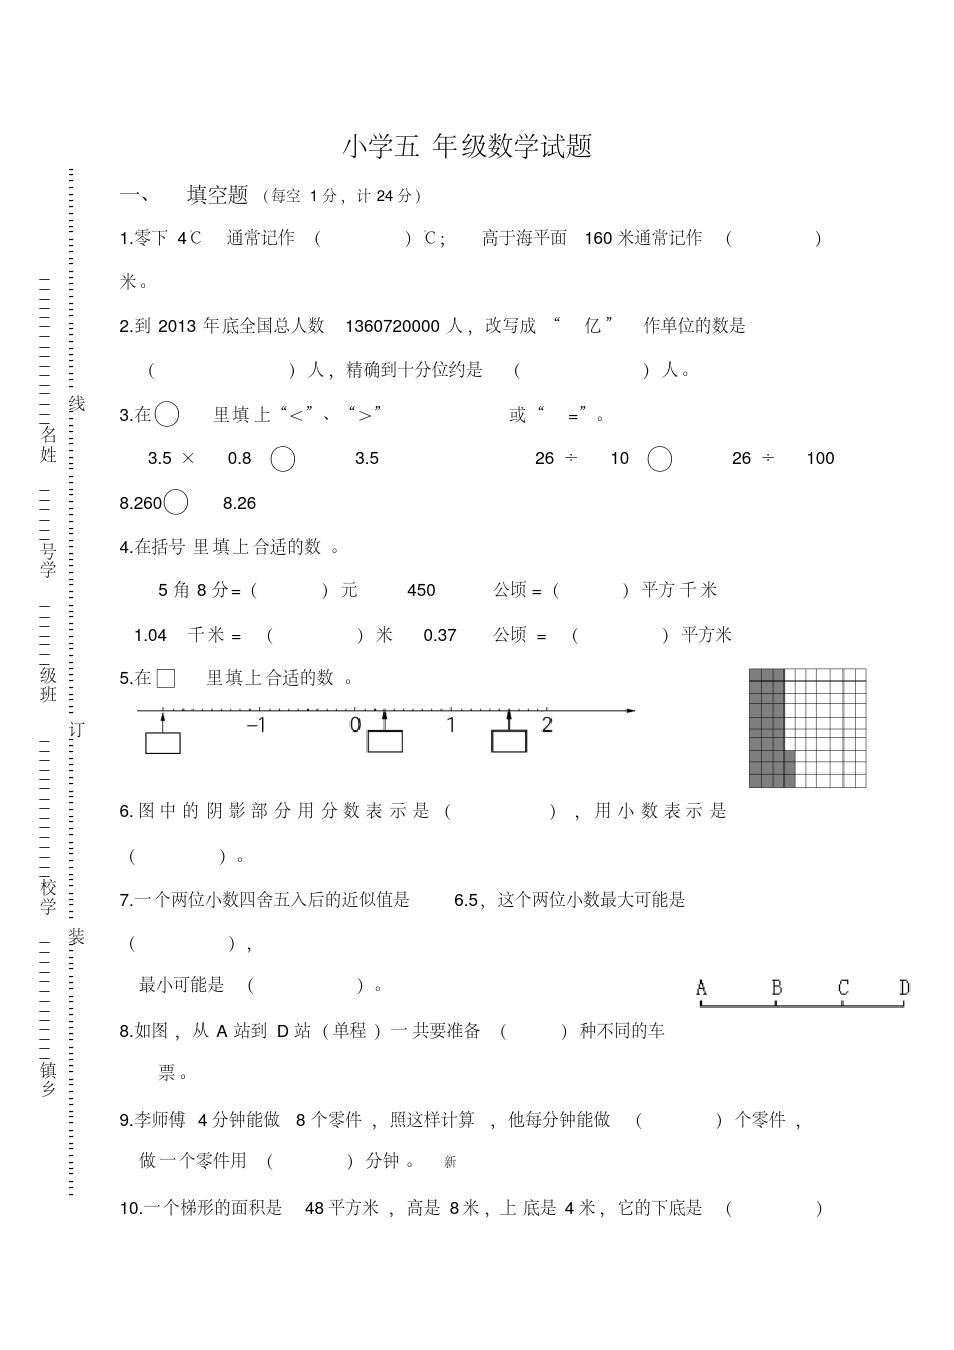 2018-2019学年小学五年级数学期末试卷及答案